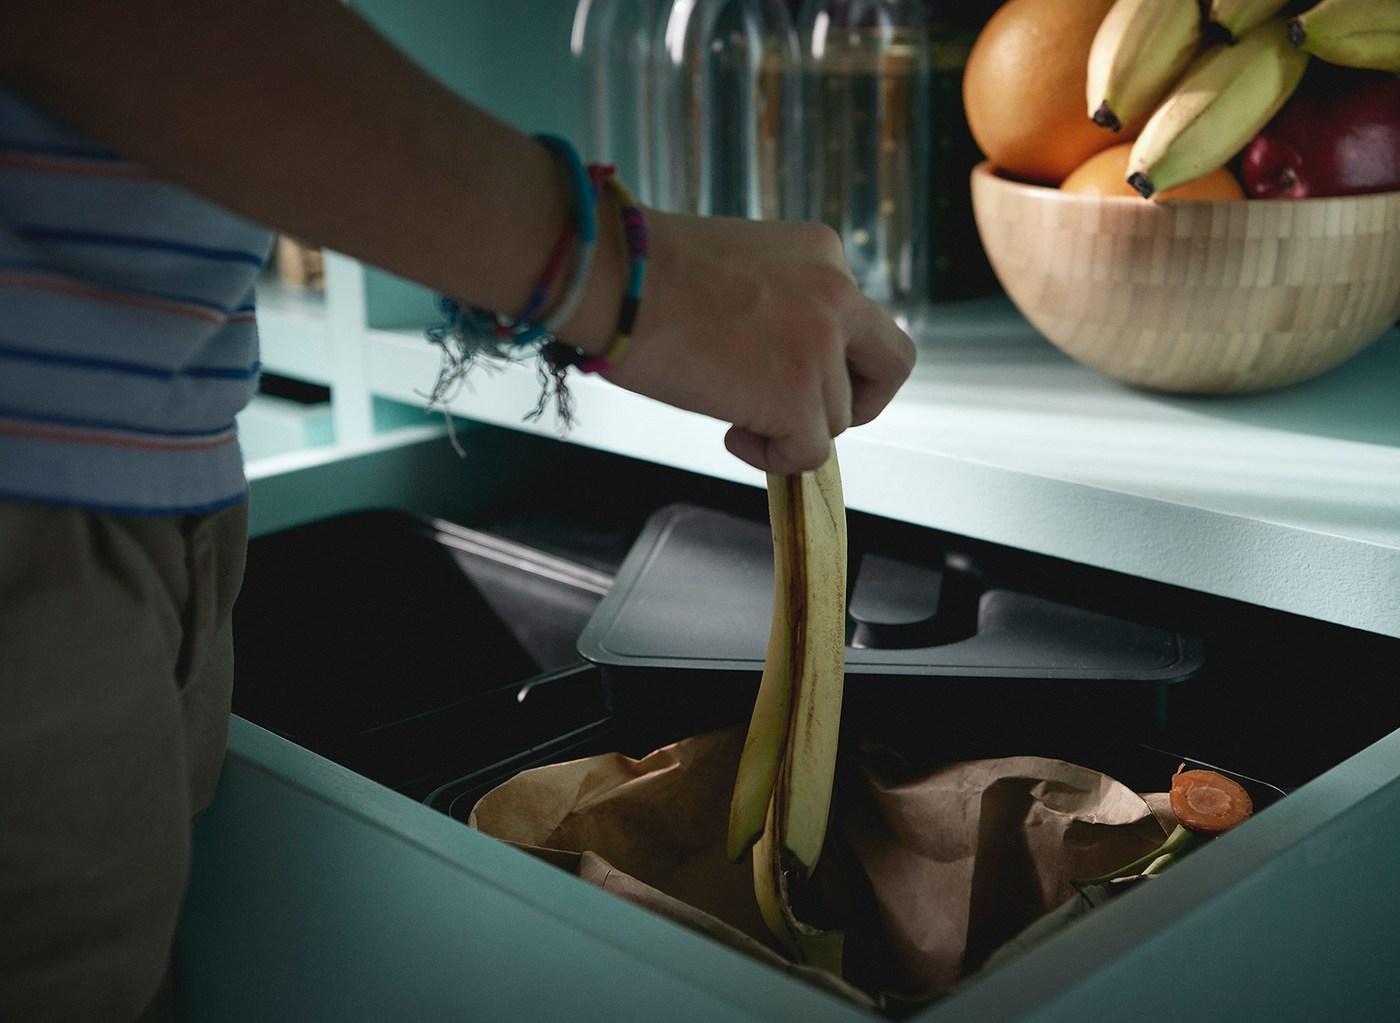 ブレスレットをつけた人が、キッチンの引き出しに入ったVARIERA/ヴァリエラ 分別ゴミ箱にバナナの皮を落としている様子。